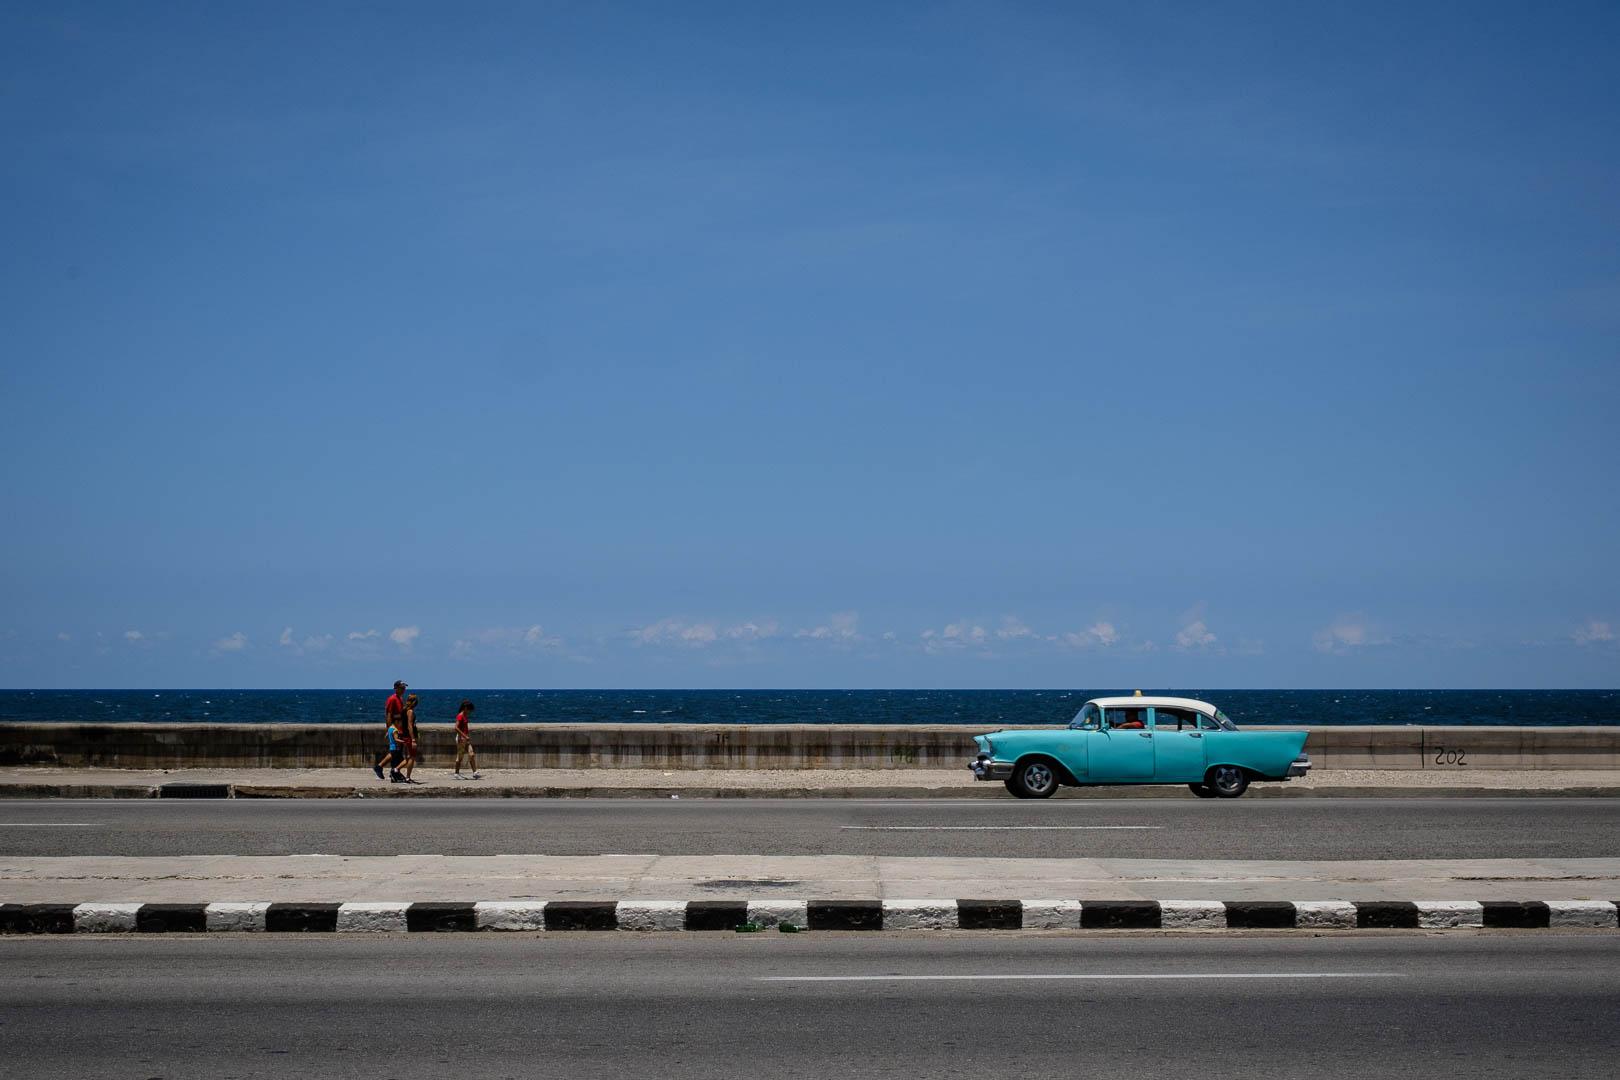 180430-Havana-4-1080.jpg